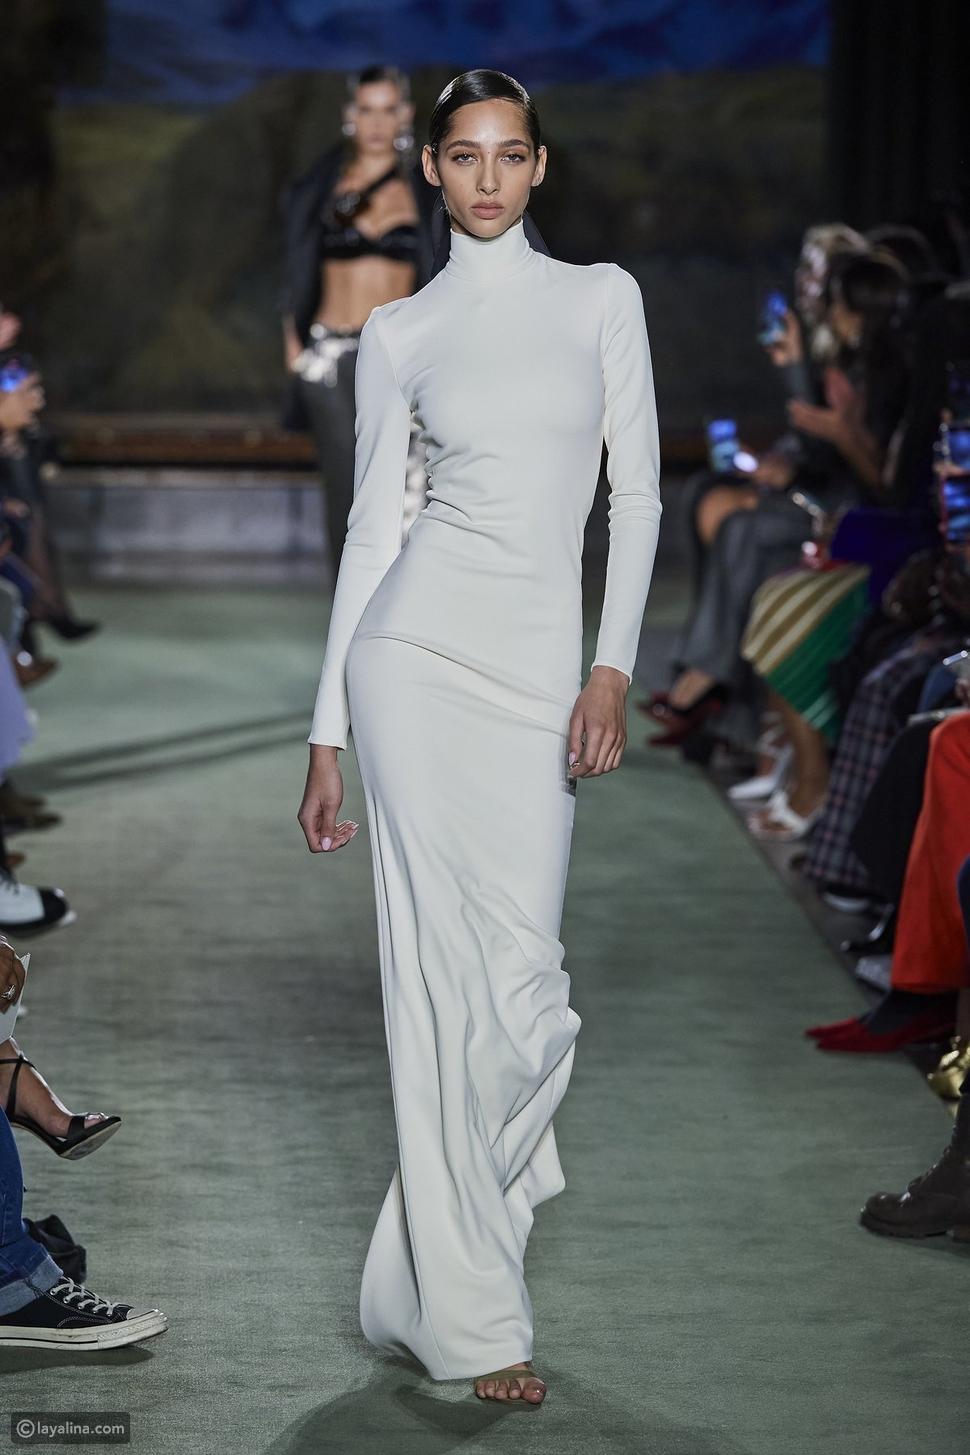 الفستان ذو الرقبة العالية هاي كولHigh-Neck Dress